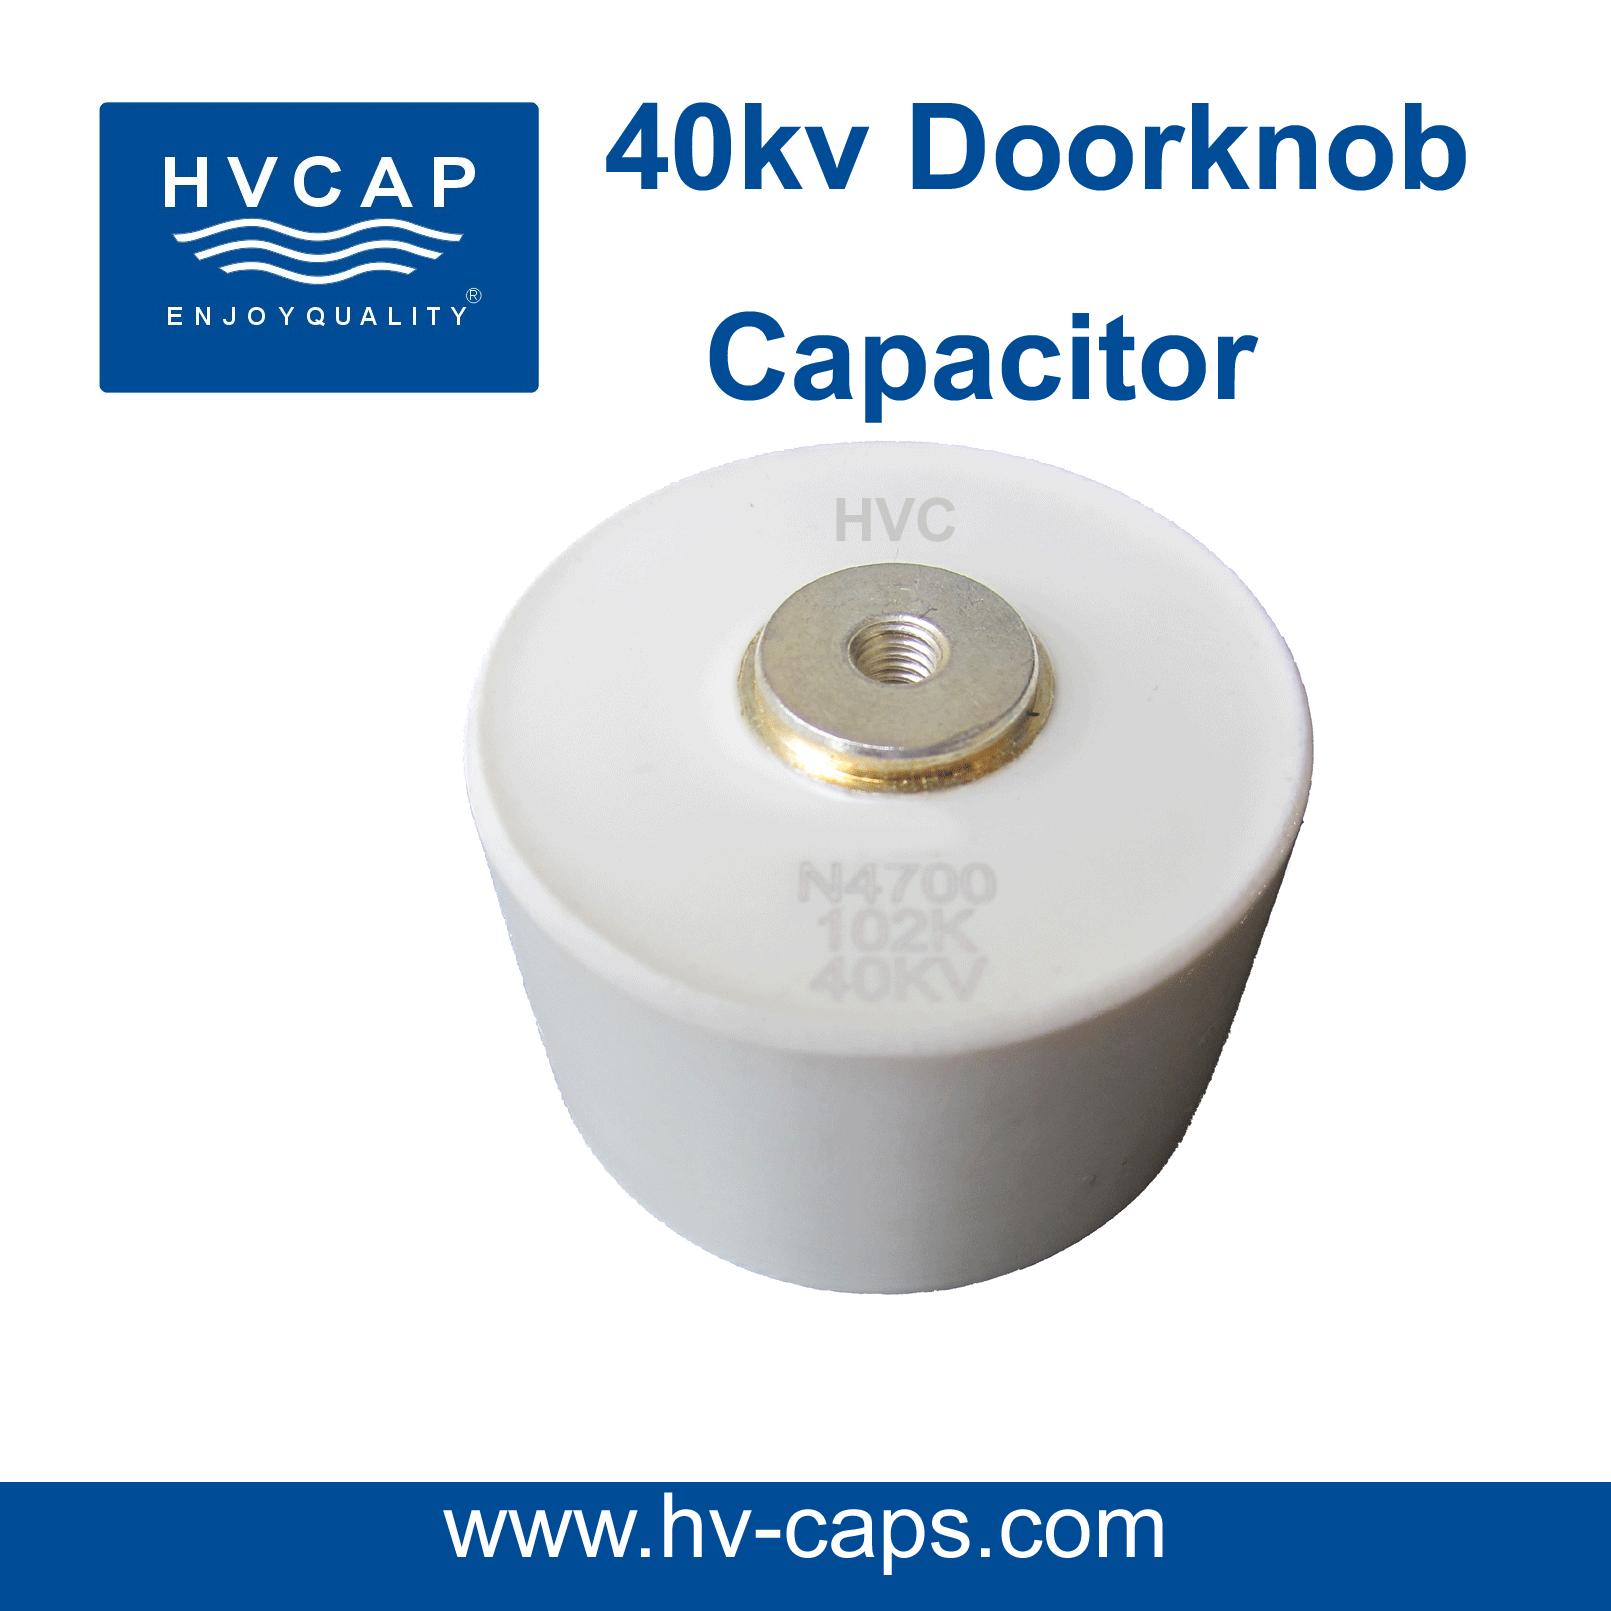 উচ্চ ভোল্টেজ সিরামিক Doorknob ক্যাপাসিটরের 40kv স্পেসিফিকেশন।